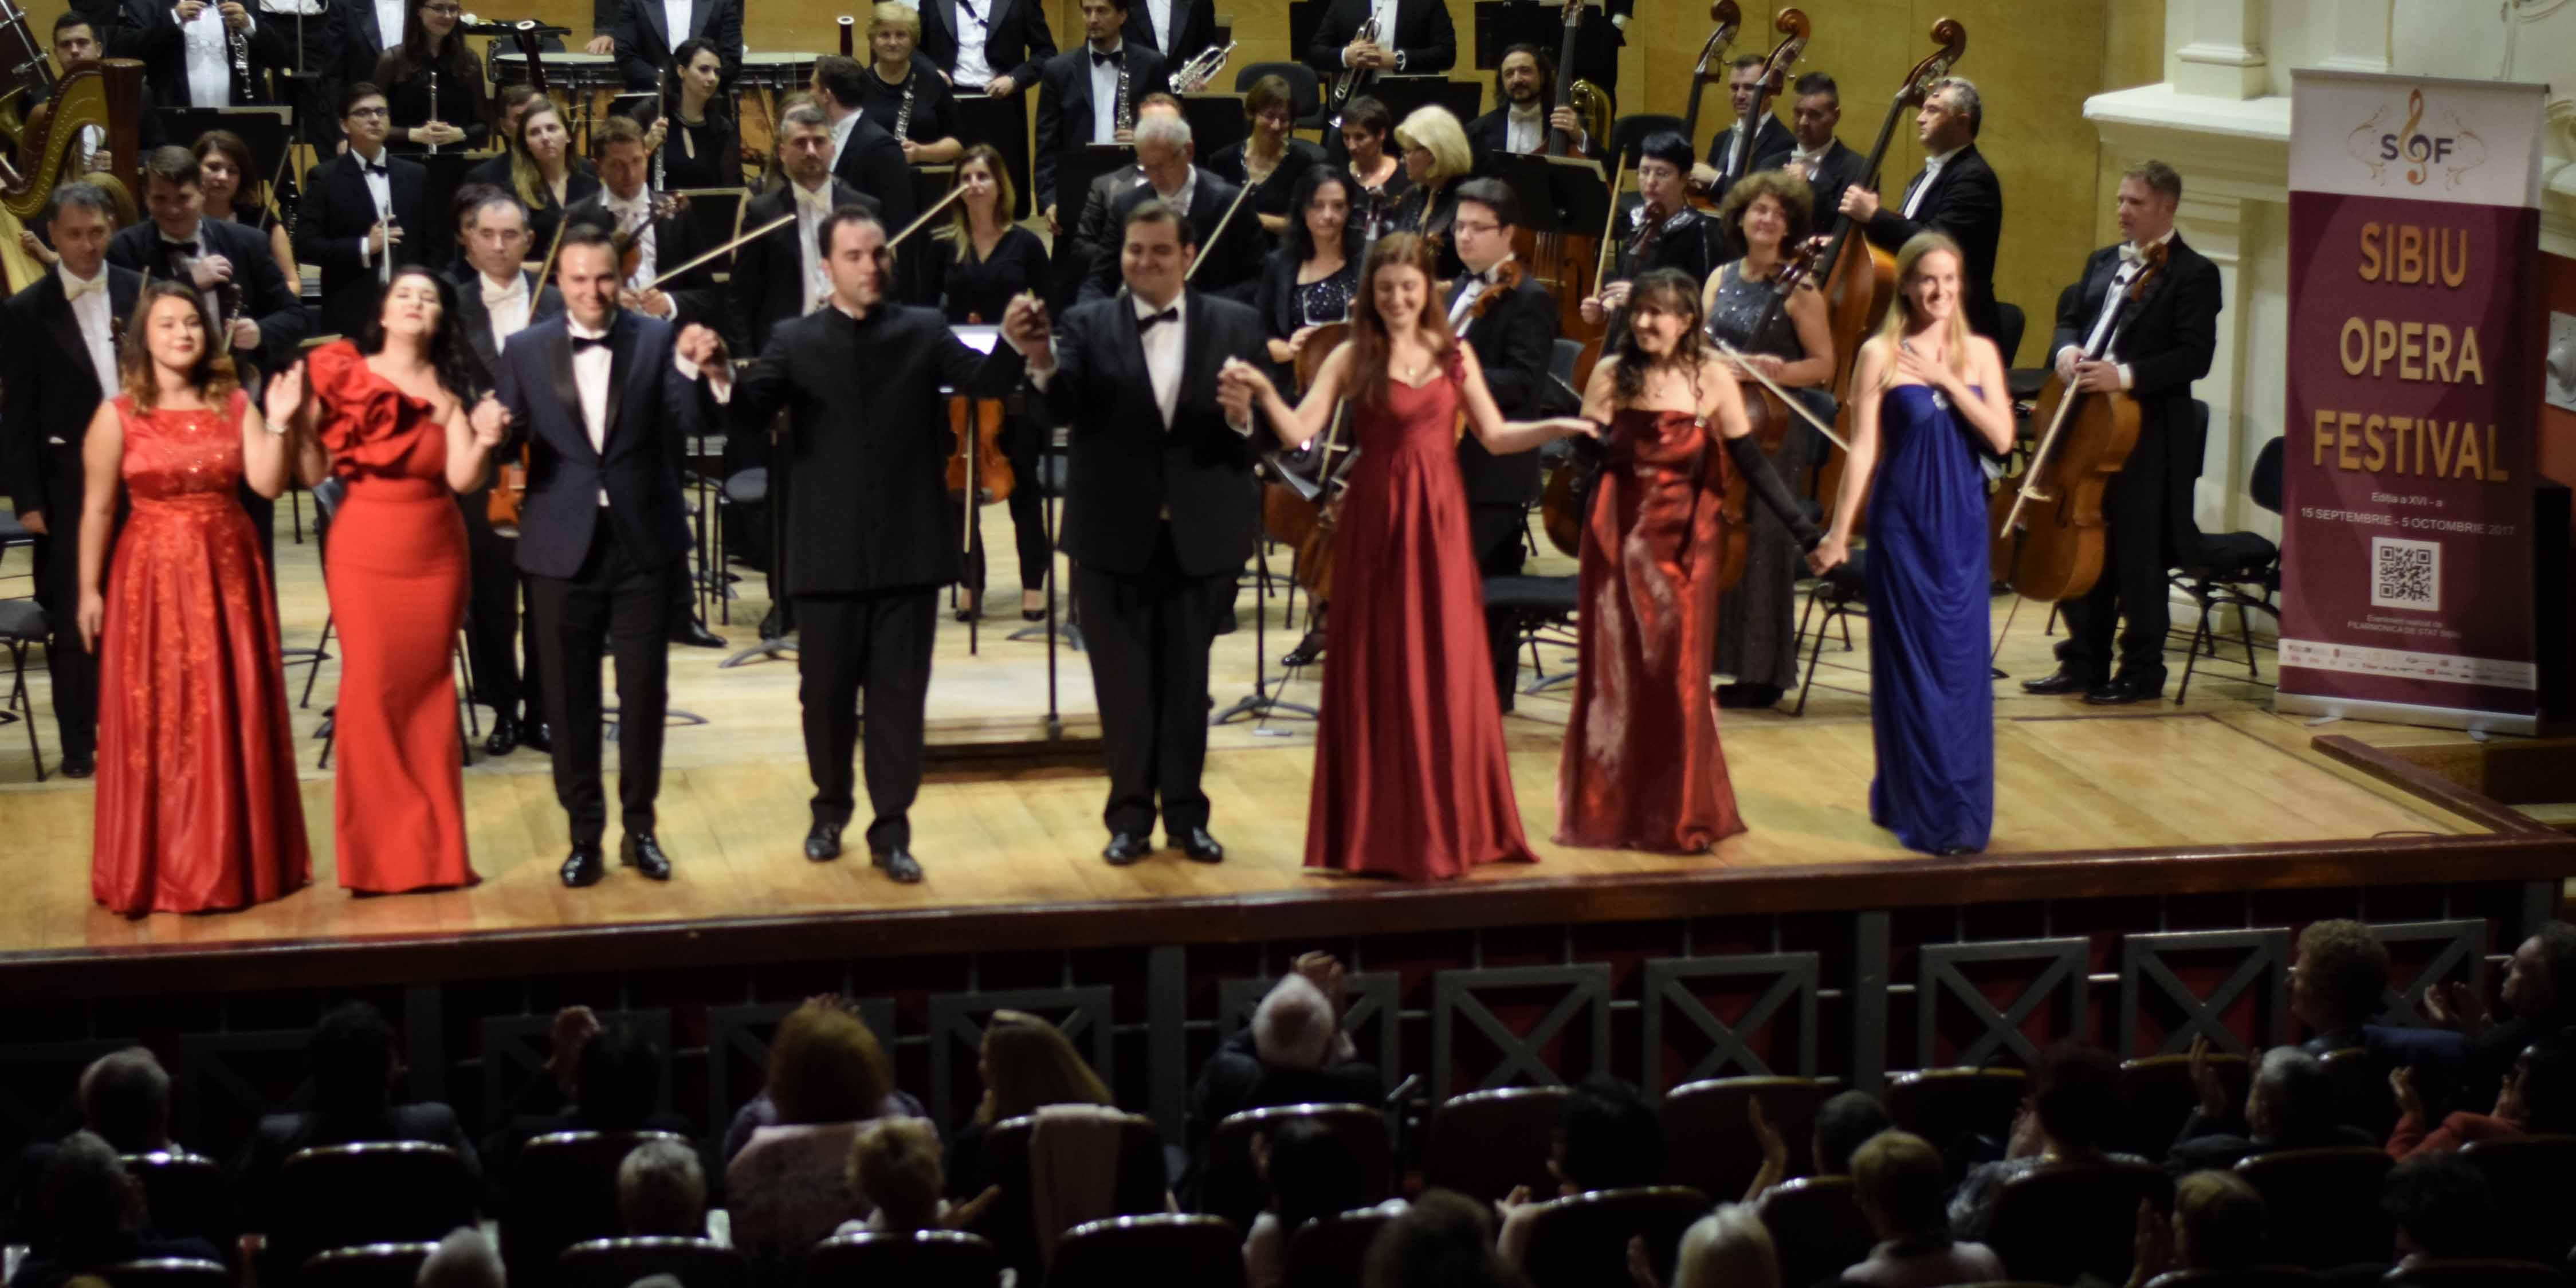 Sibiu Opera Festival. Peste 4.000 de spectatori la ediția din acest an